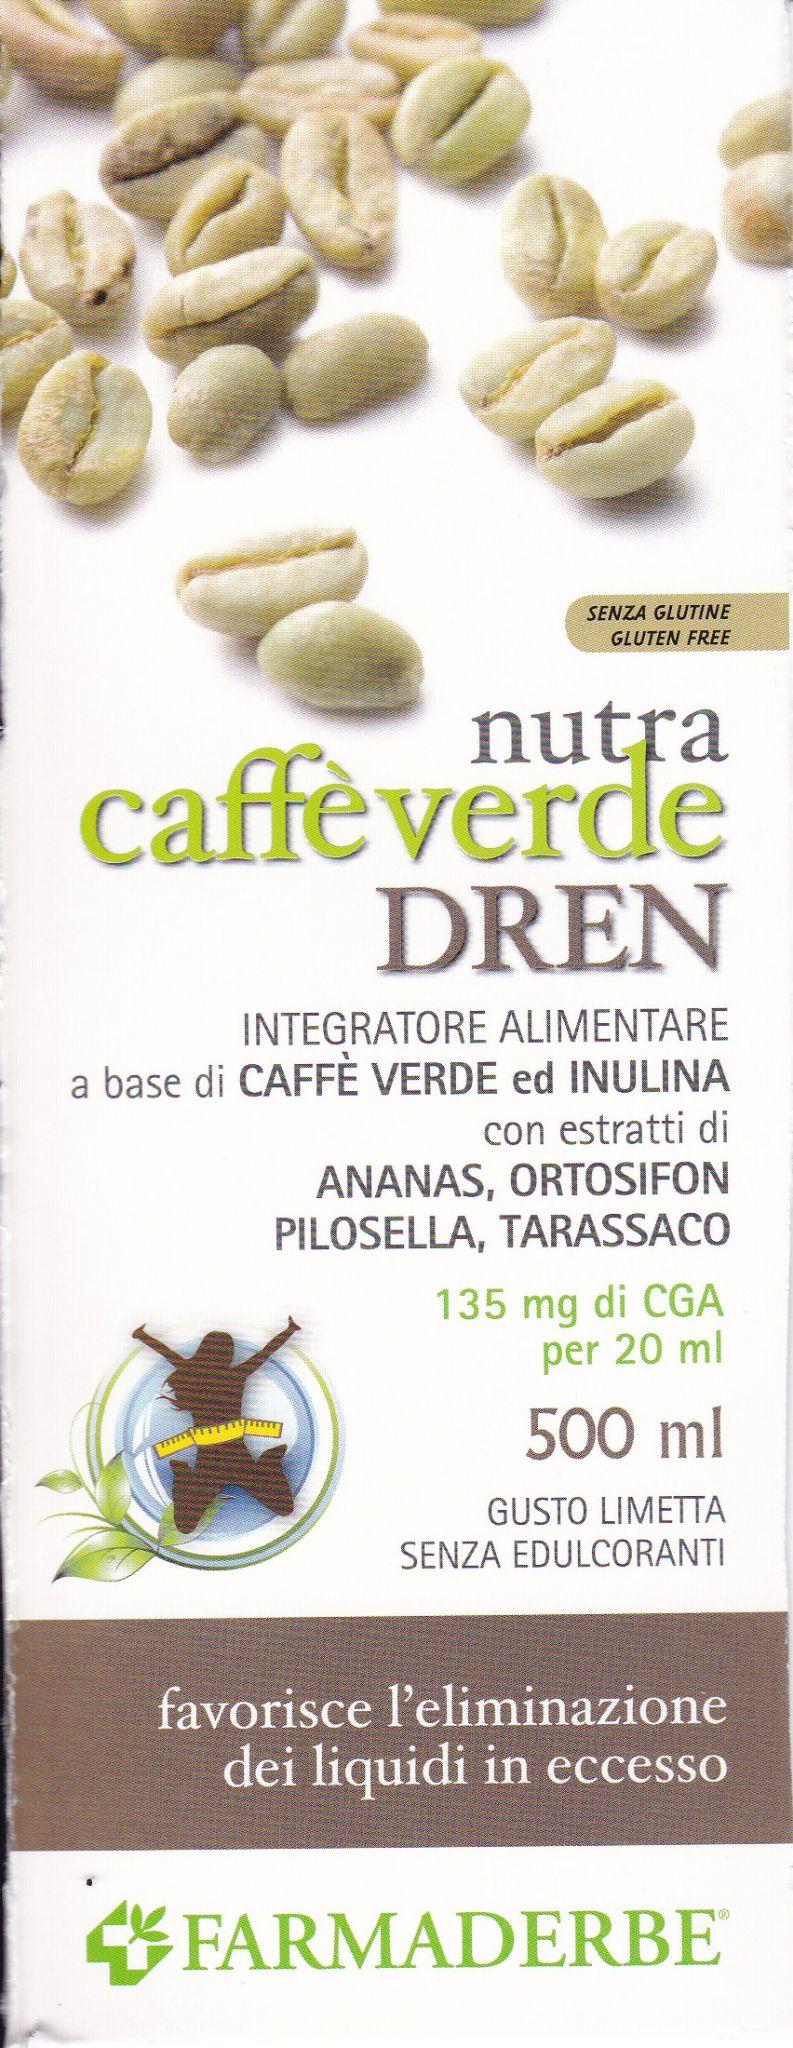 FARMADERBE  N.  CAFFE'  VERDE  DREN